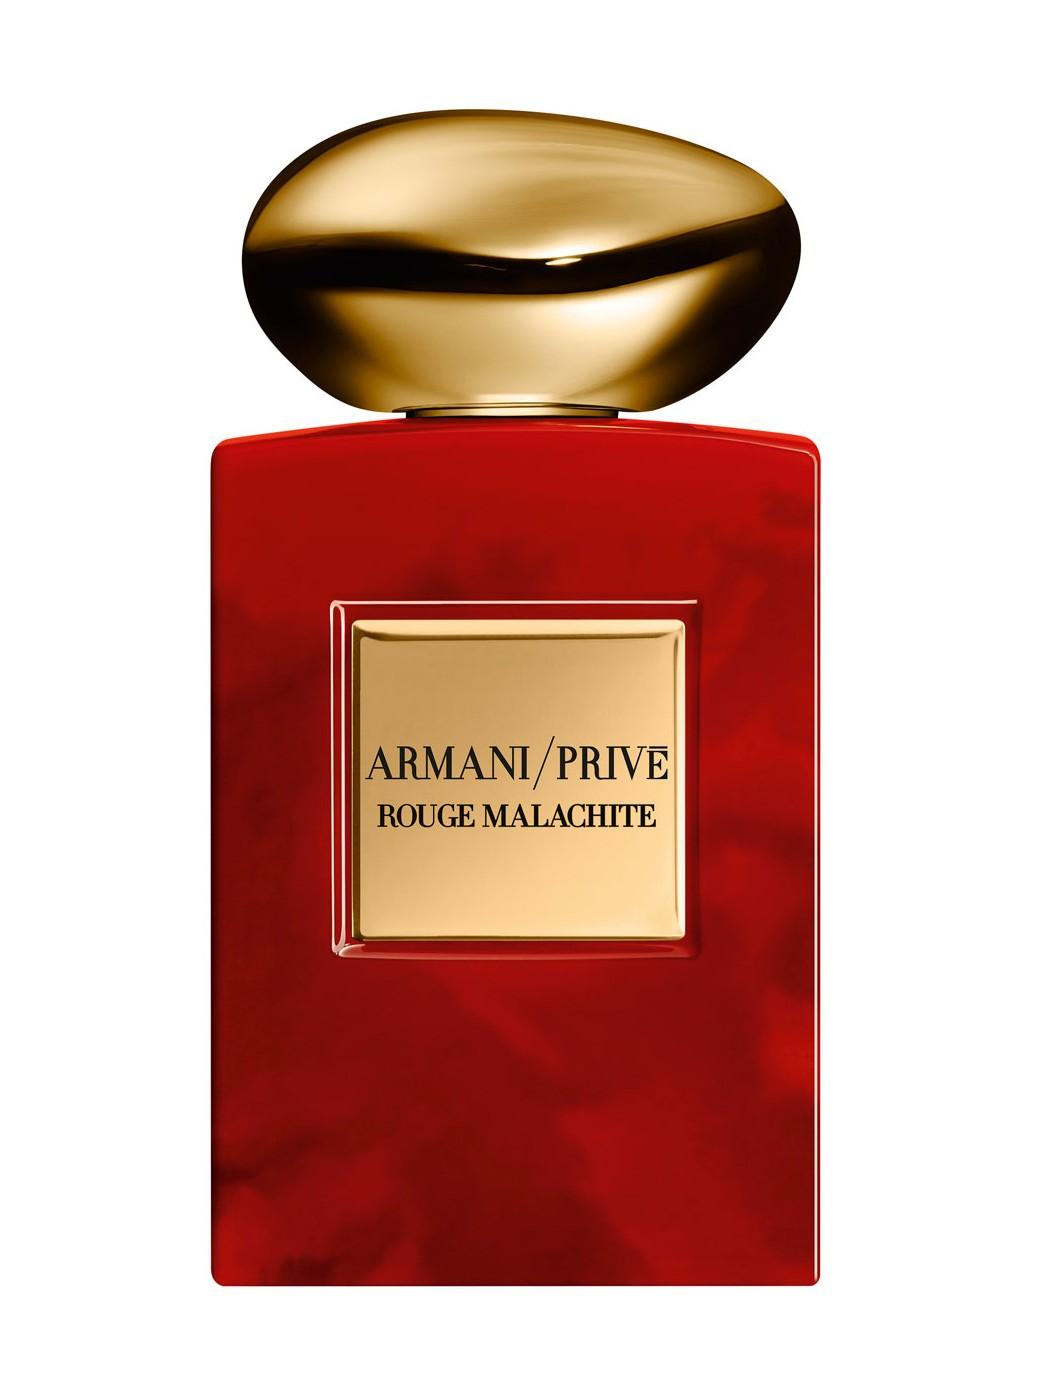 Armani Prive Limited Edition Rouge Malachite: L'Or De Russie